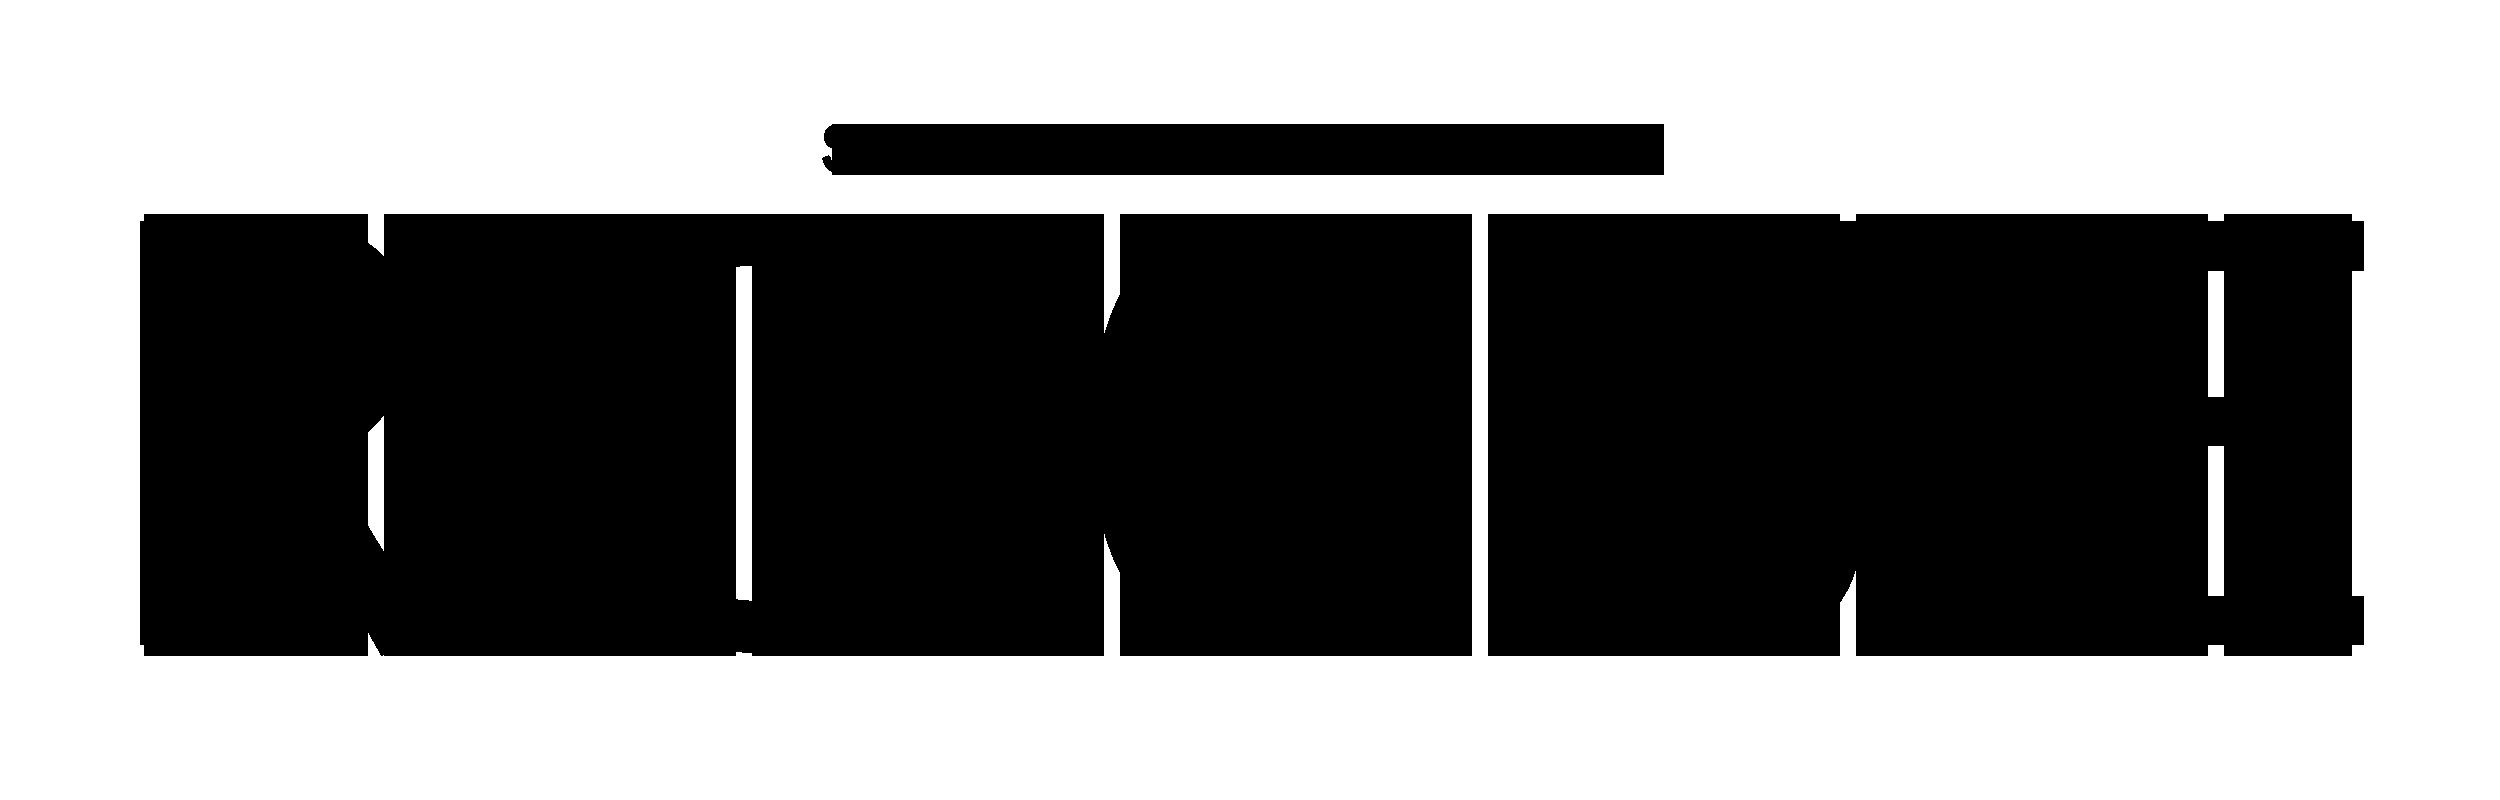 rogue-2018.png